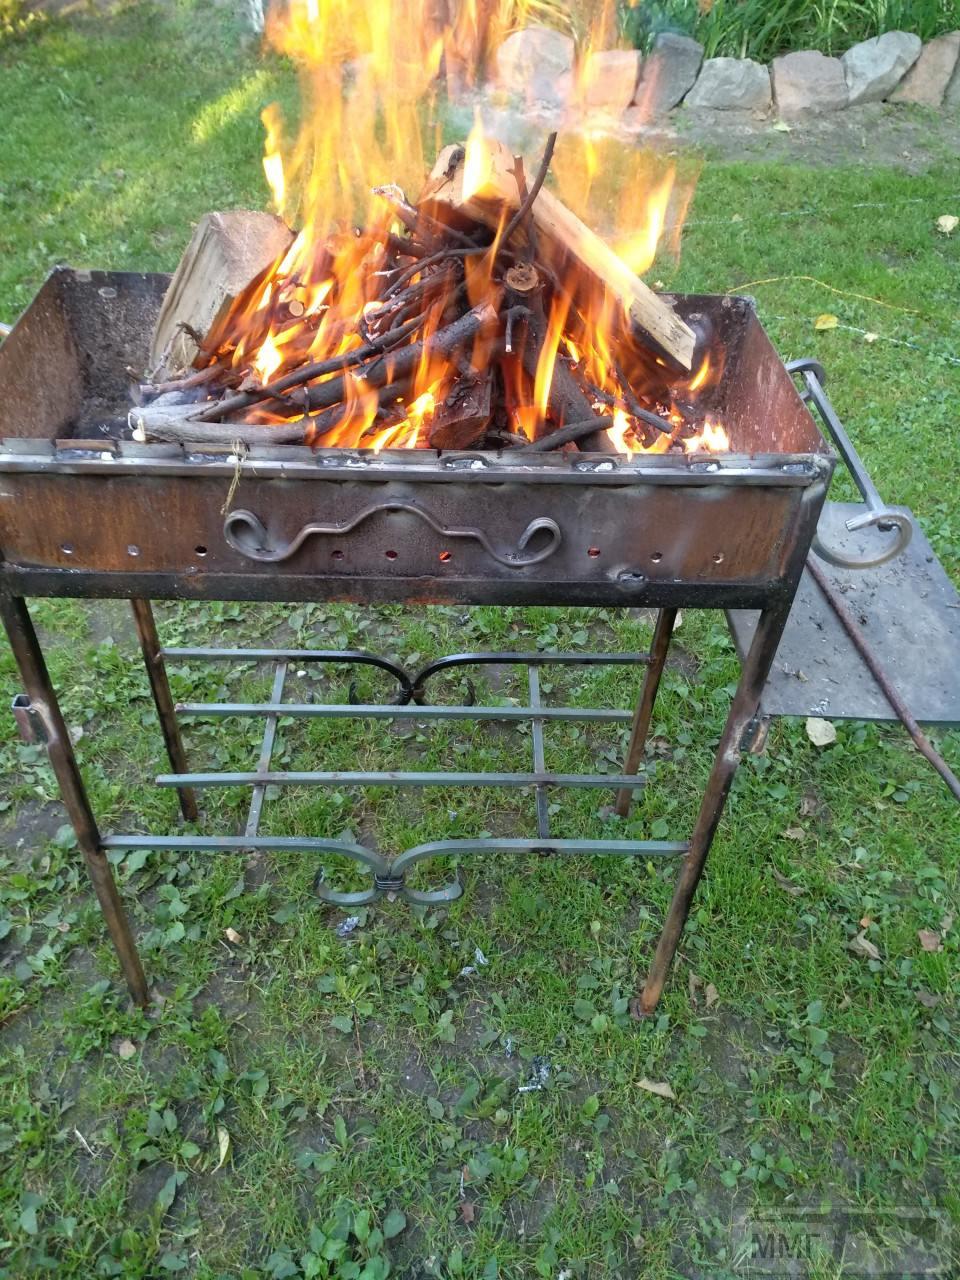 71720 - Закуски на огне (мангал, барбекю и т.д.) и кулинария вообще. Советы и рецепты.